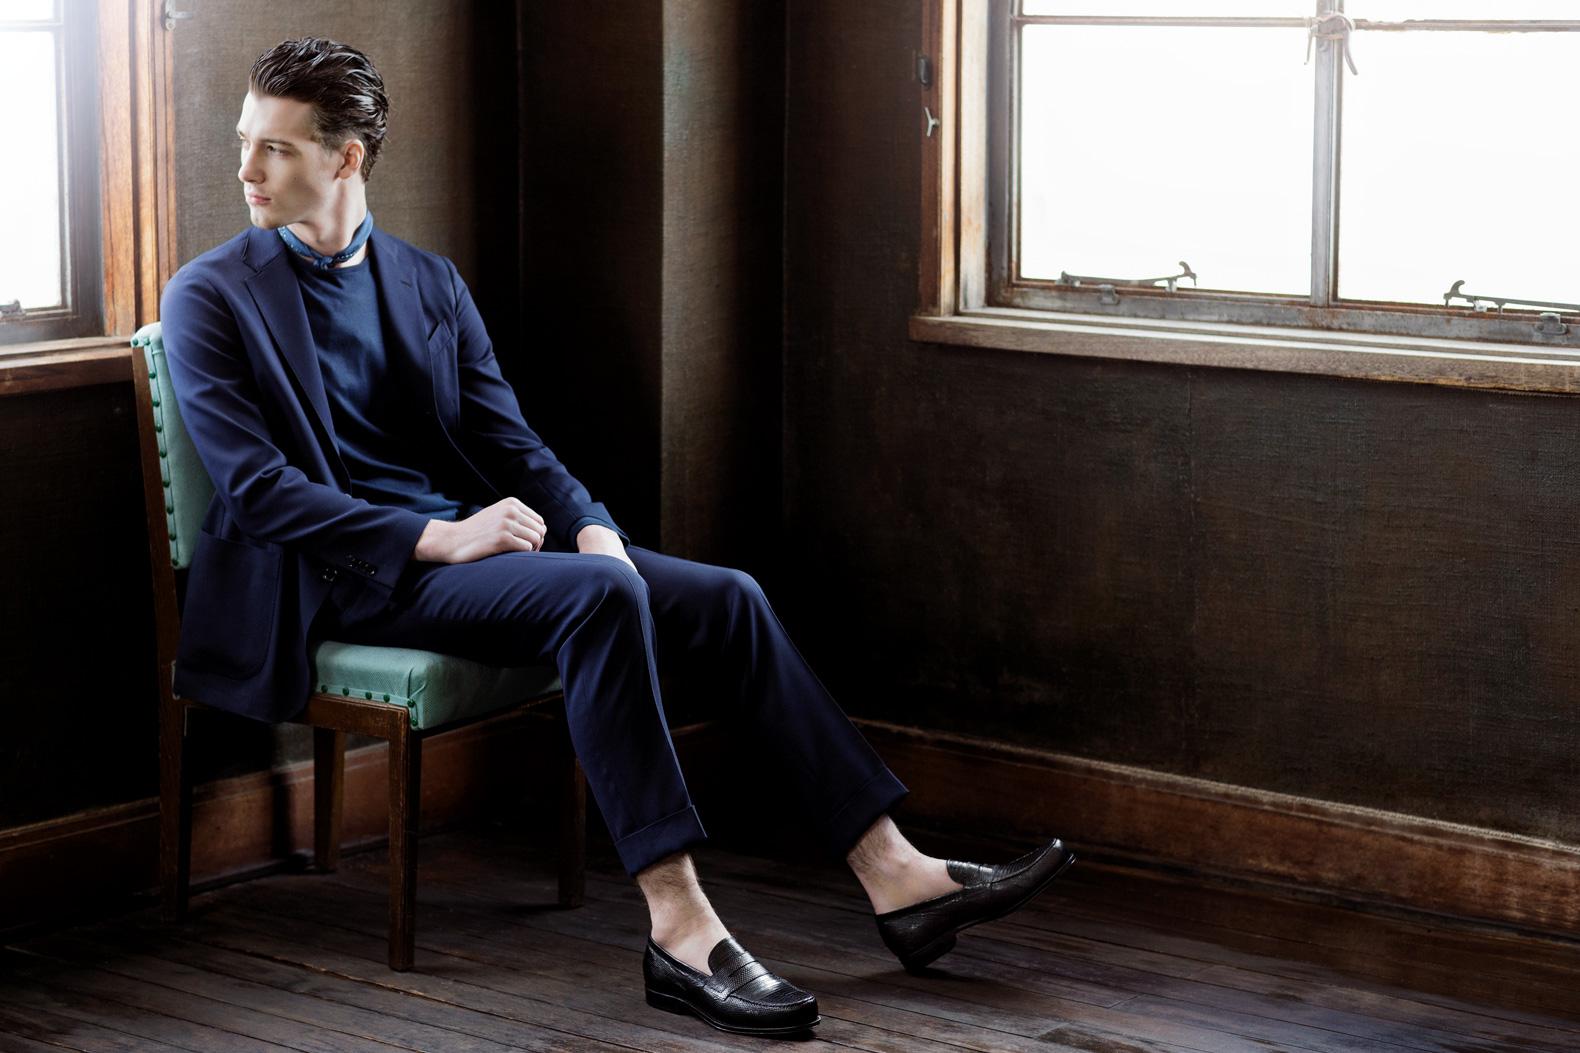 盛岡の老舗靴店が  スペイン靴に注目する理由